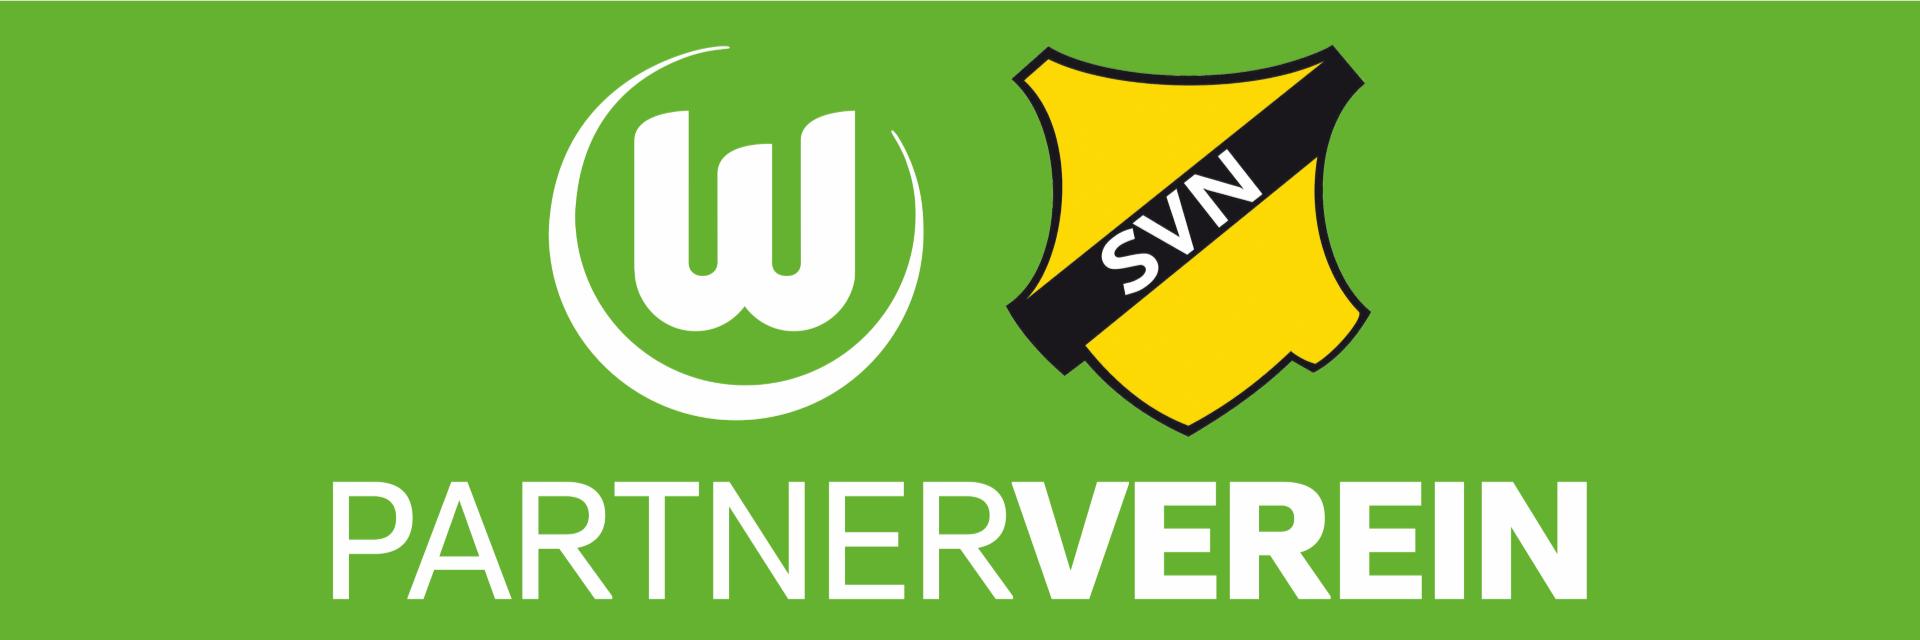 Banner_Partnerverin